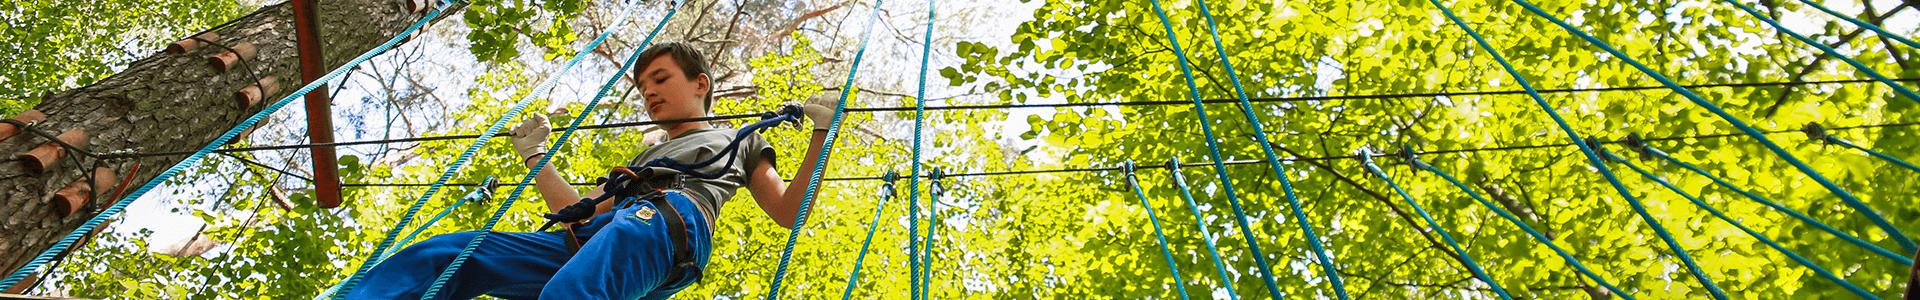 Tarzanija - išbandymai ir laipynės medžiuose